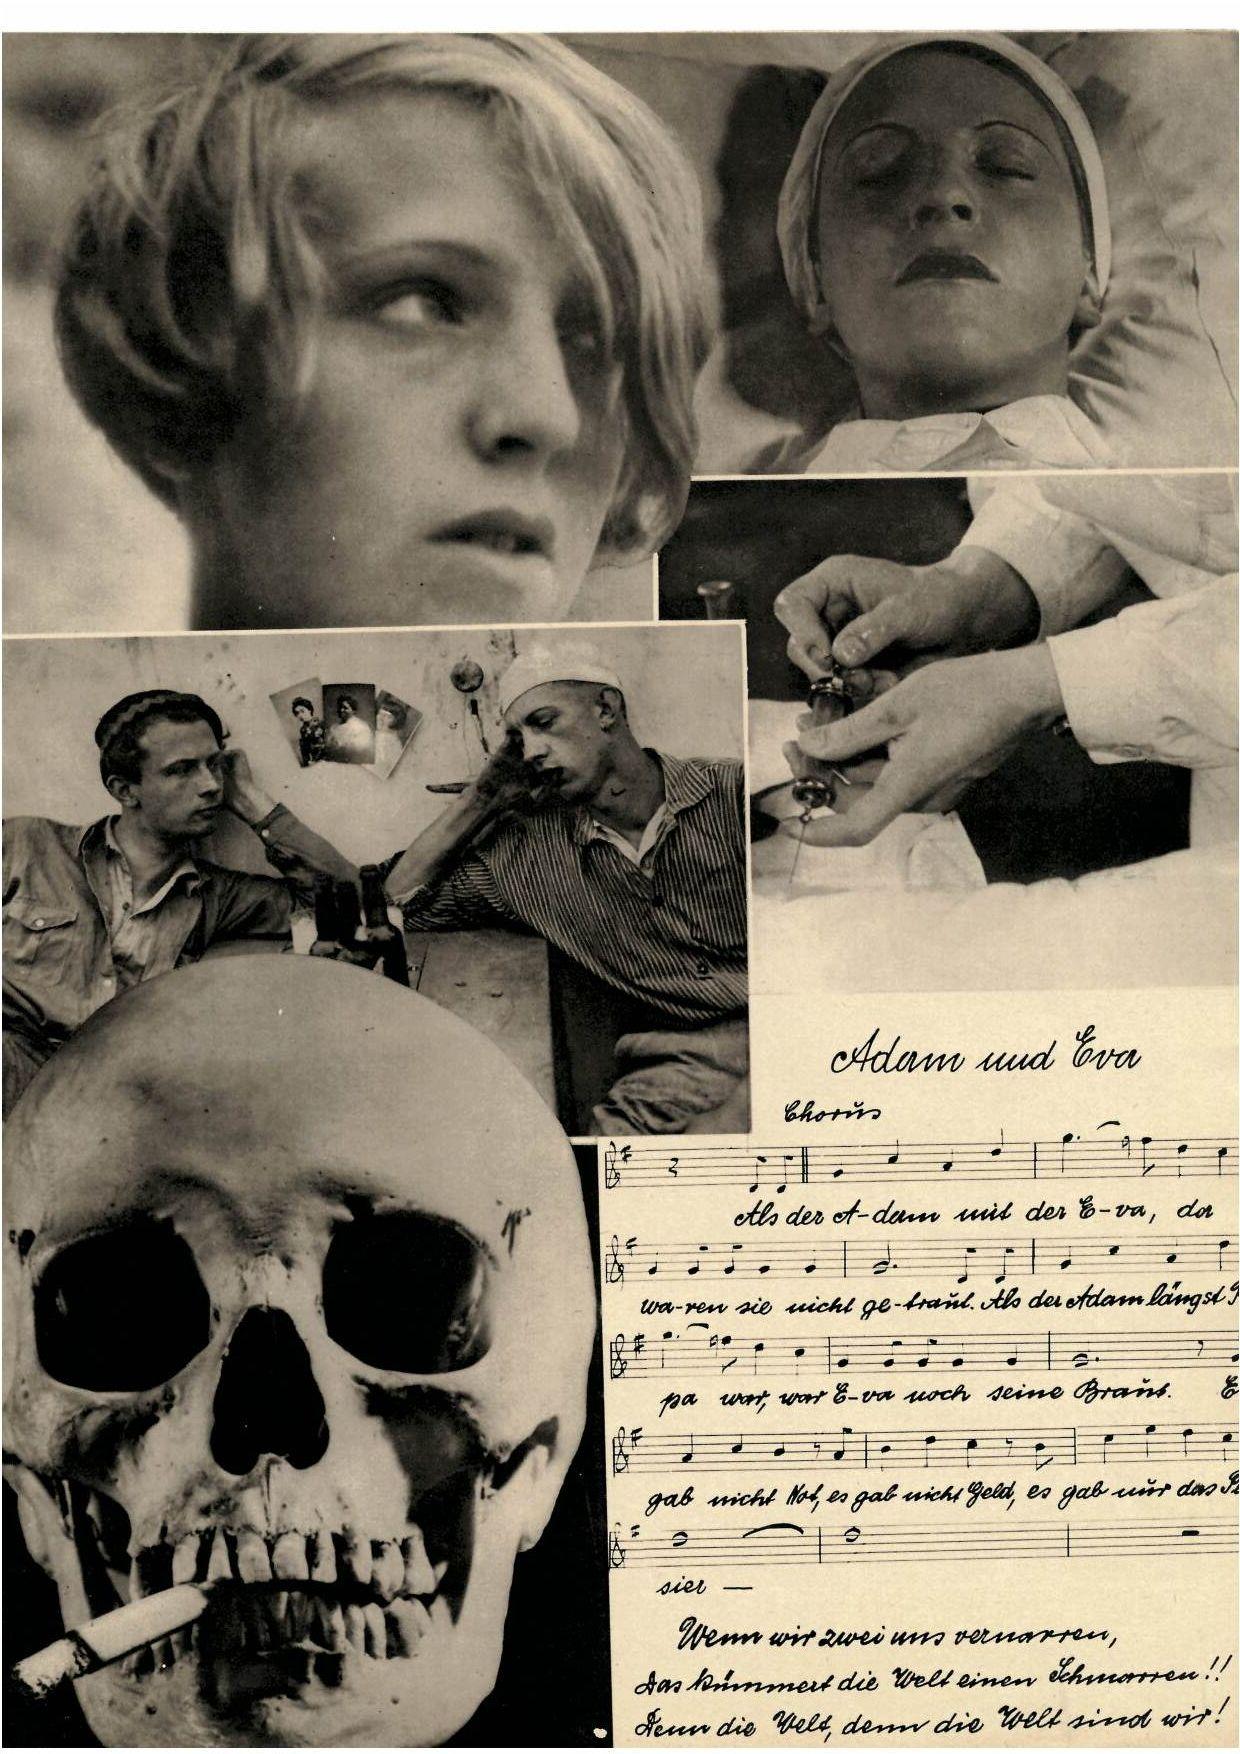 Das Lied vom Leben - Filmprogramm, S. 3